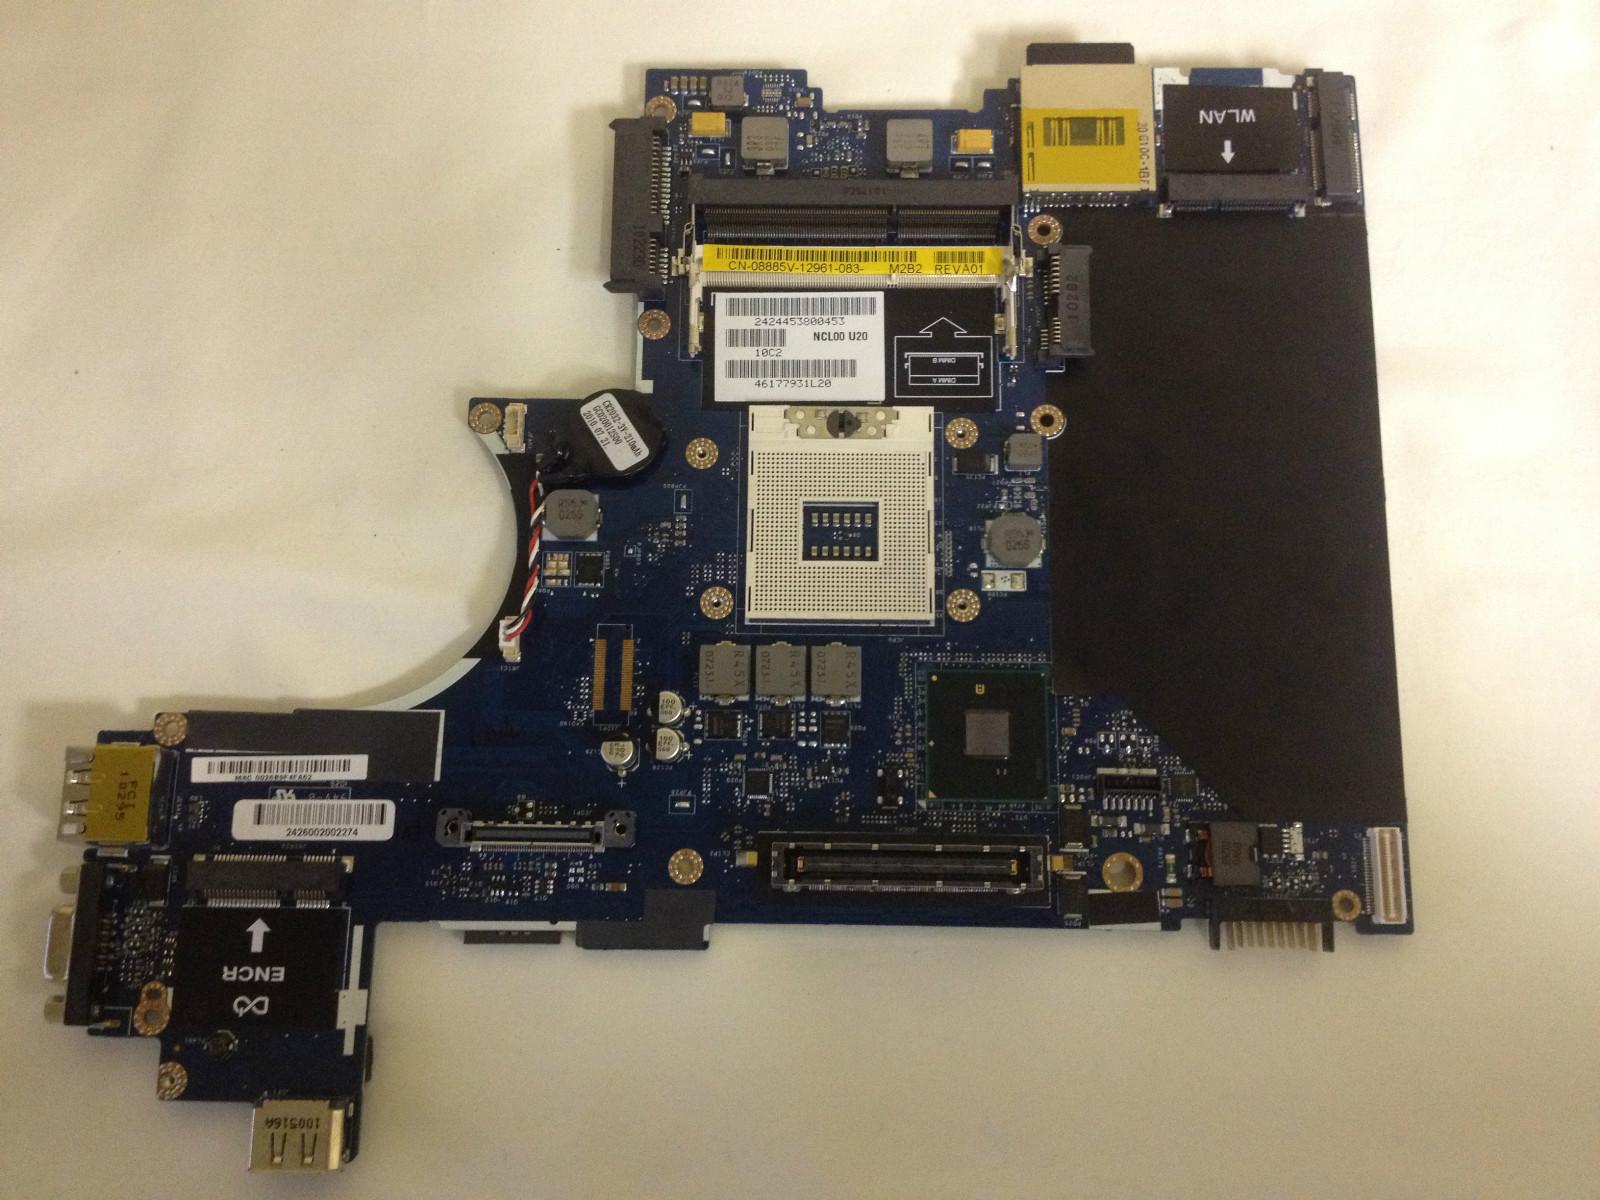 Gò Vấp Chuyên Ram Laptop Cũ Mua Bán Trao Đổi Ram DDR2 DDR3 DDR4 2GB 4GB 8GB 16GB - 38